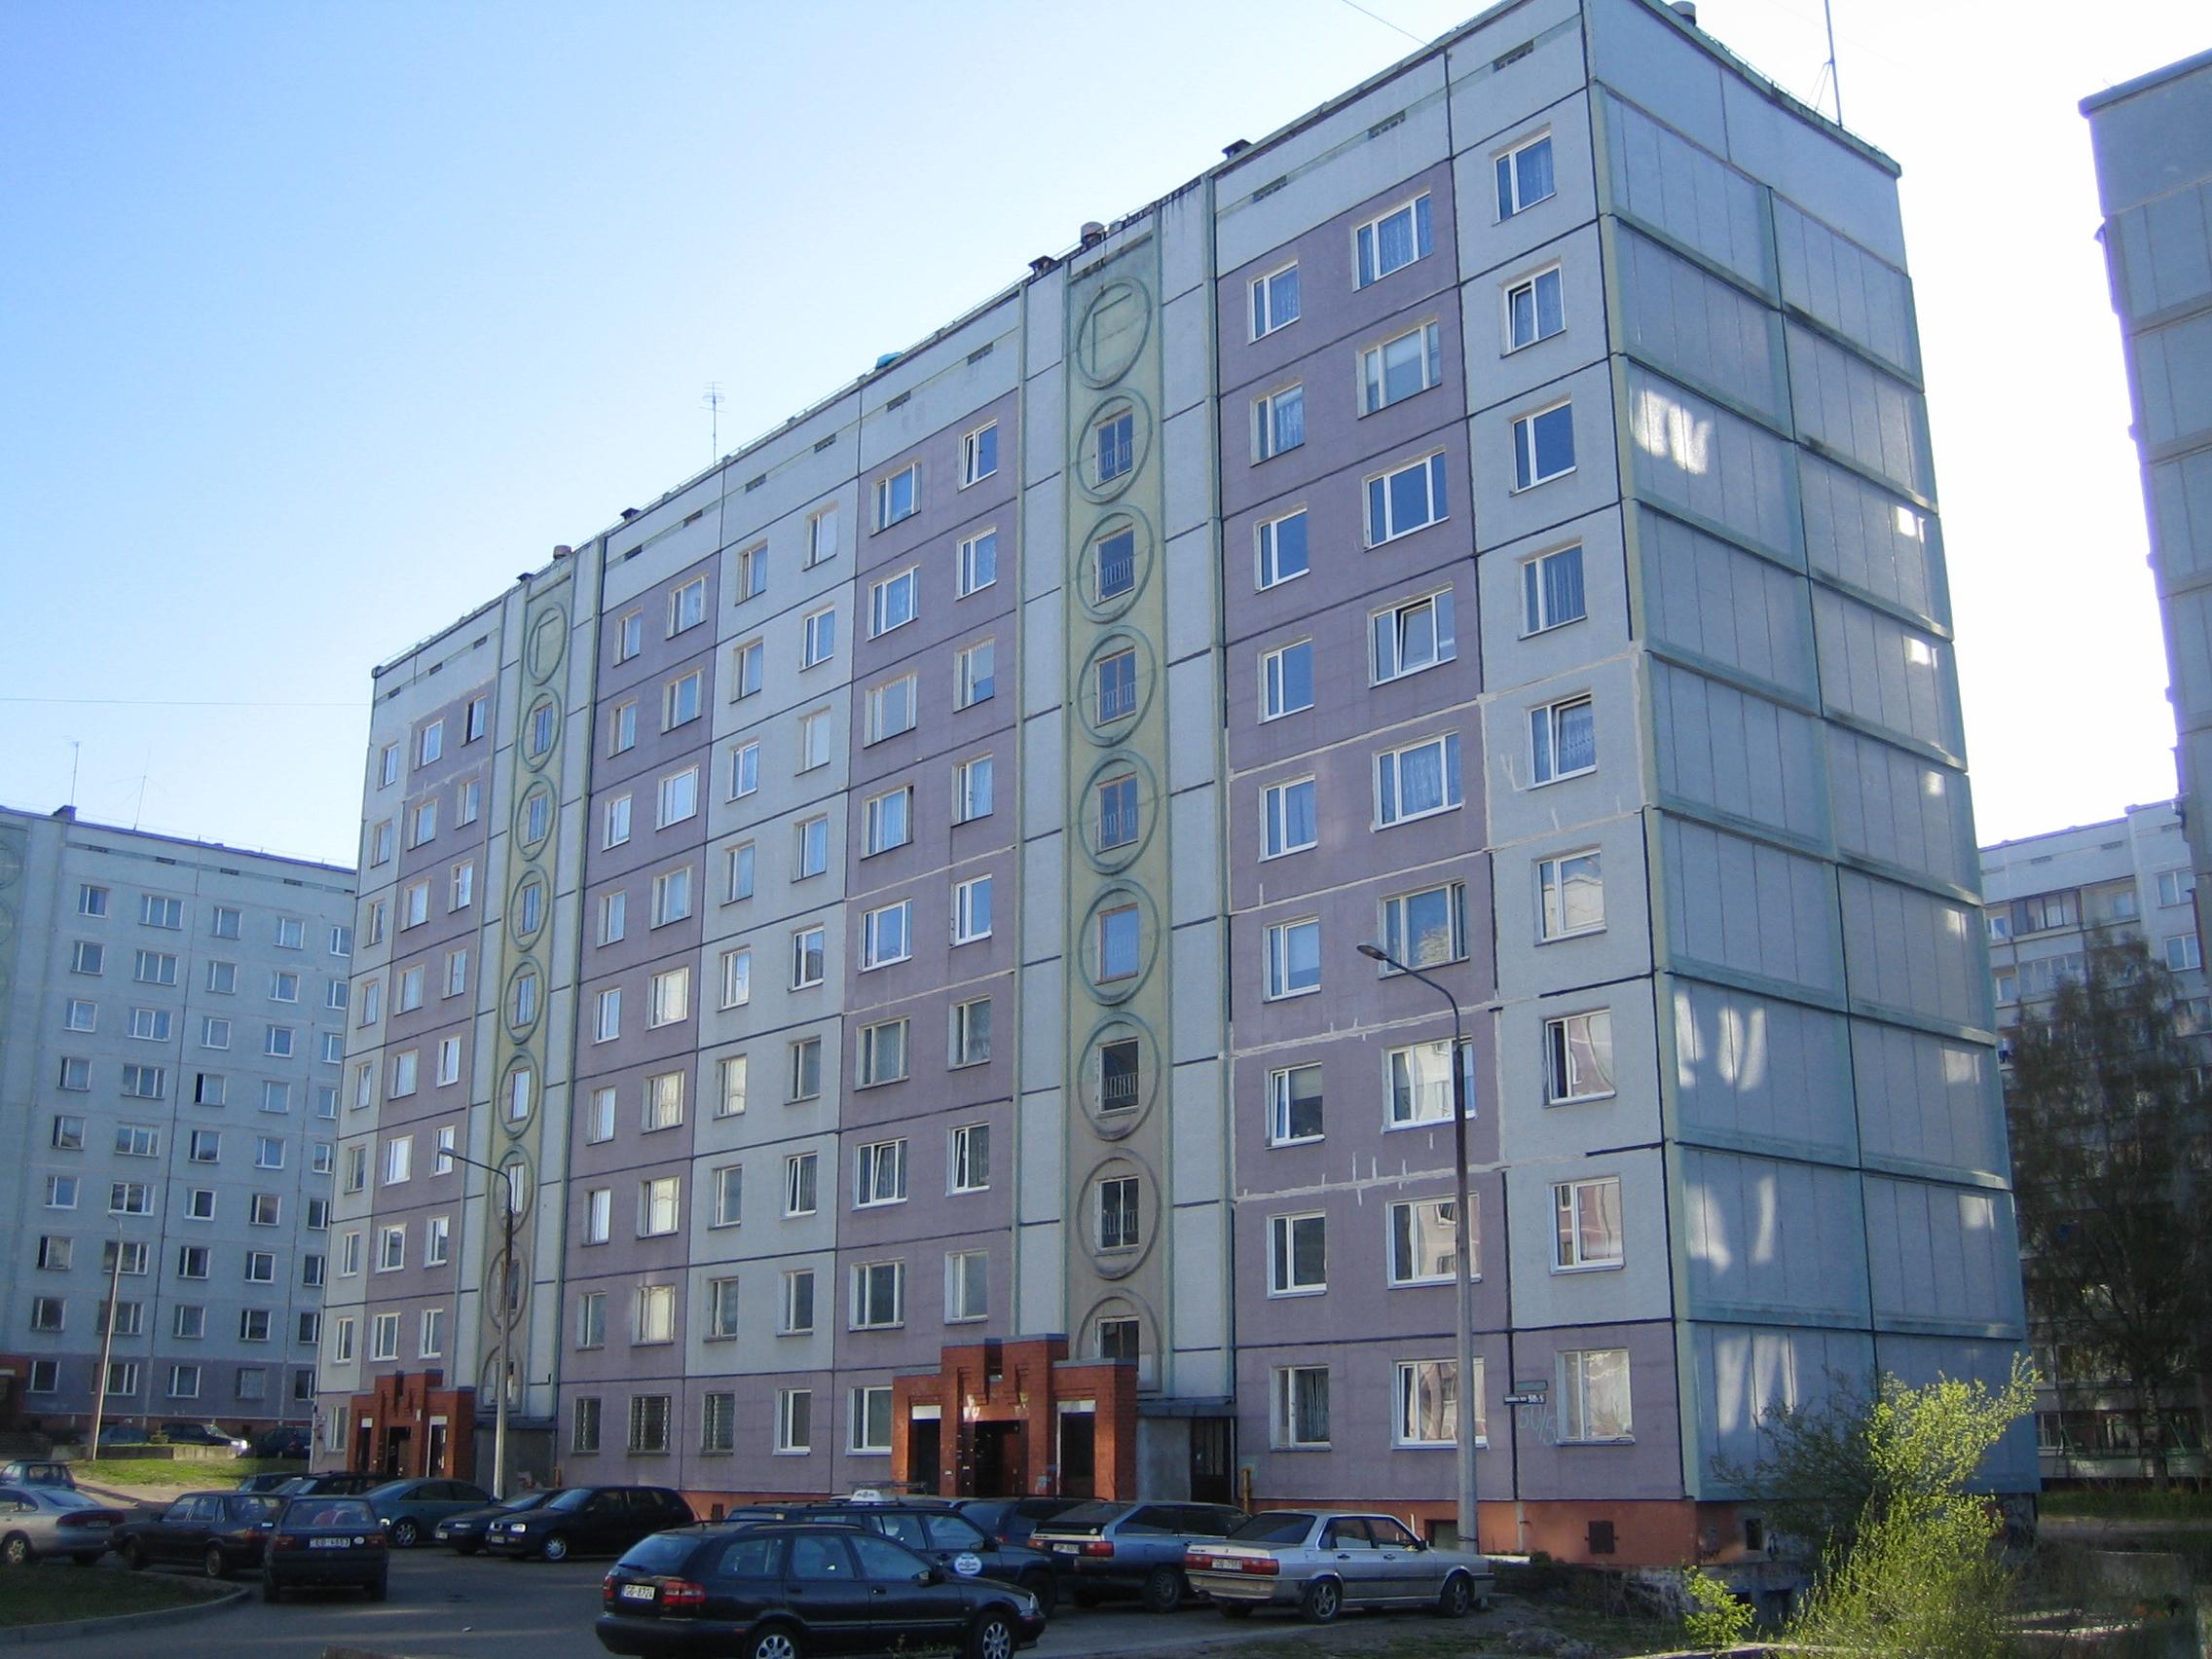 Файл:Дом 602 серии (Рига).jpg — Википедия